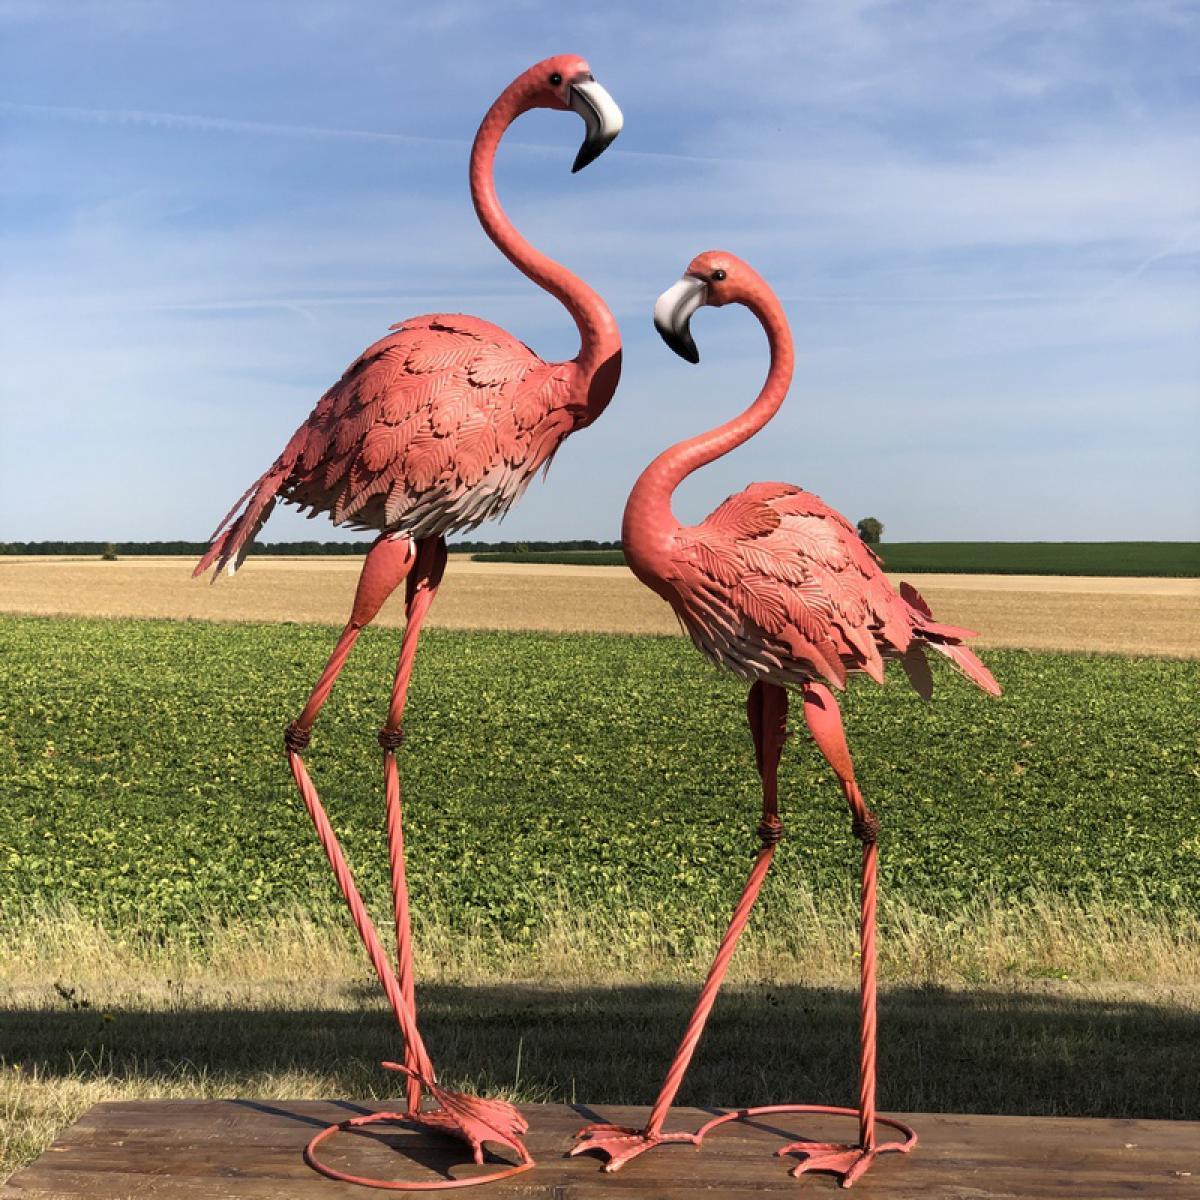 L'Originale Deco Animaux Flamant Rose Décoration Oiseau de Déco Jardin Fer Métal Héron Grue Ibis